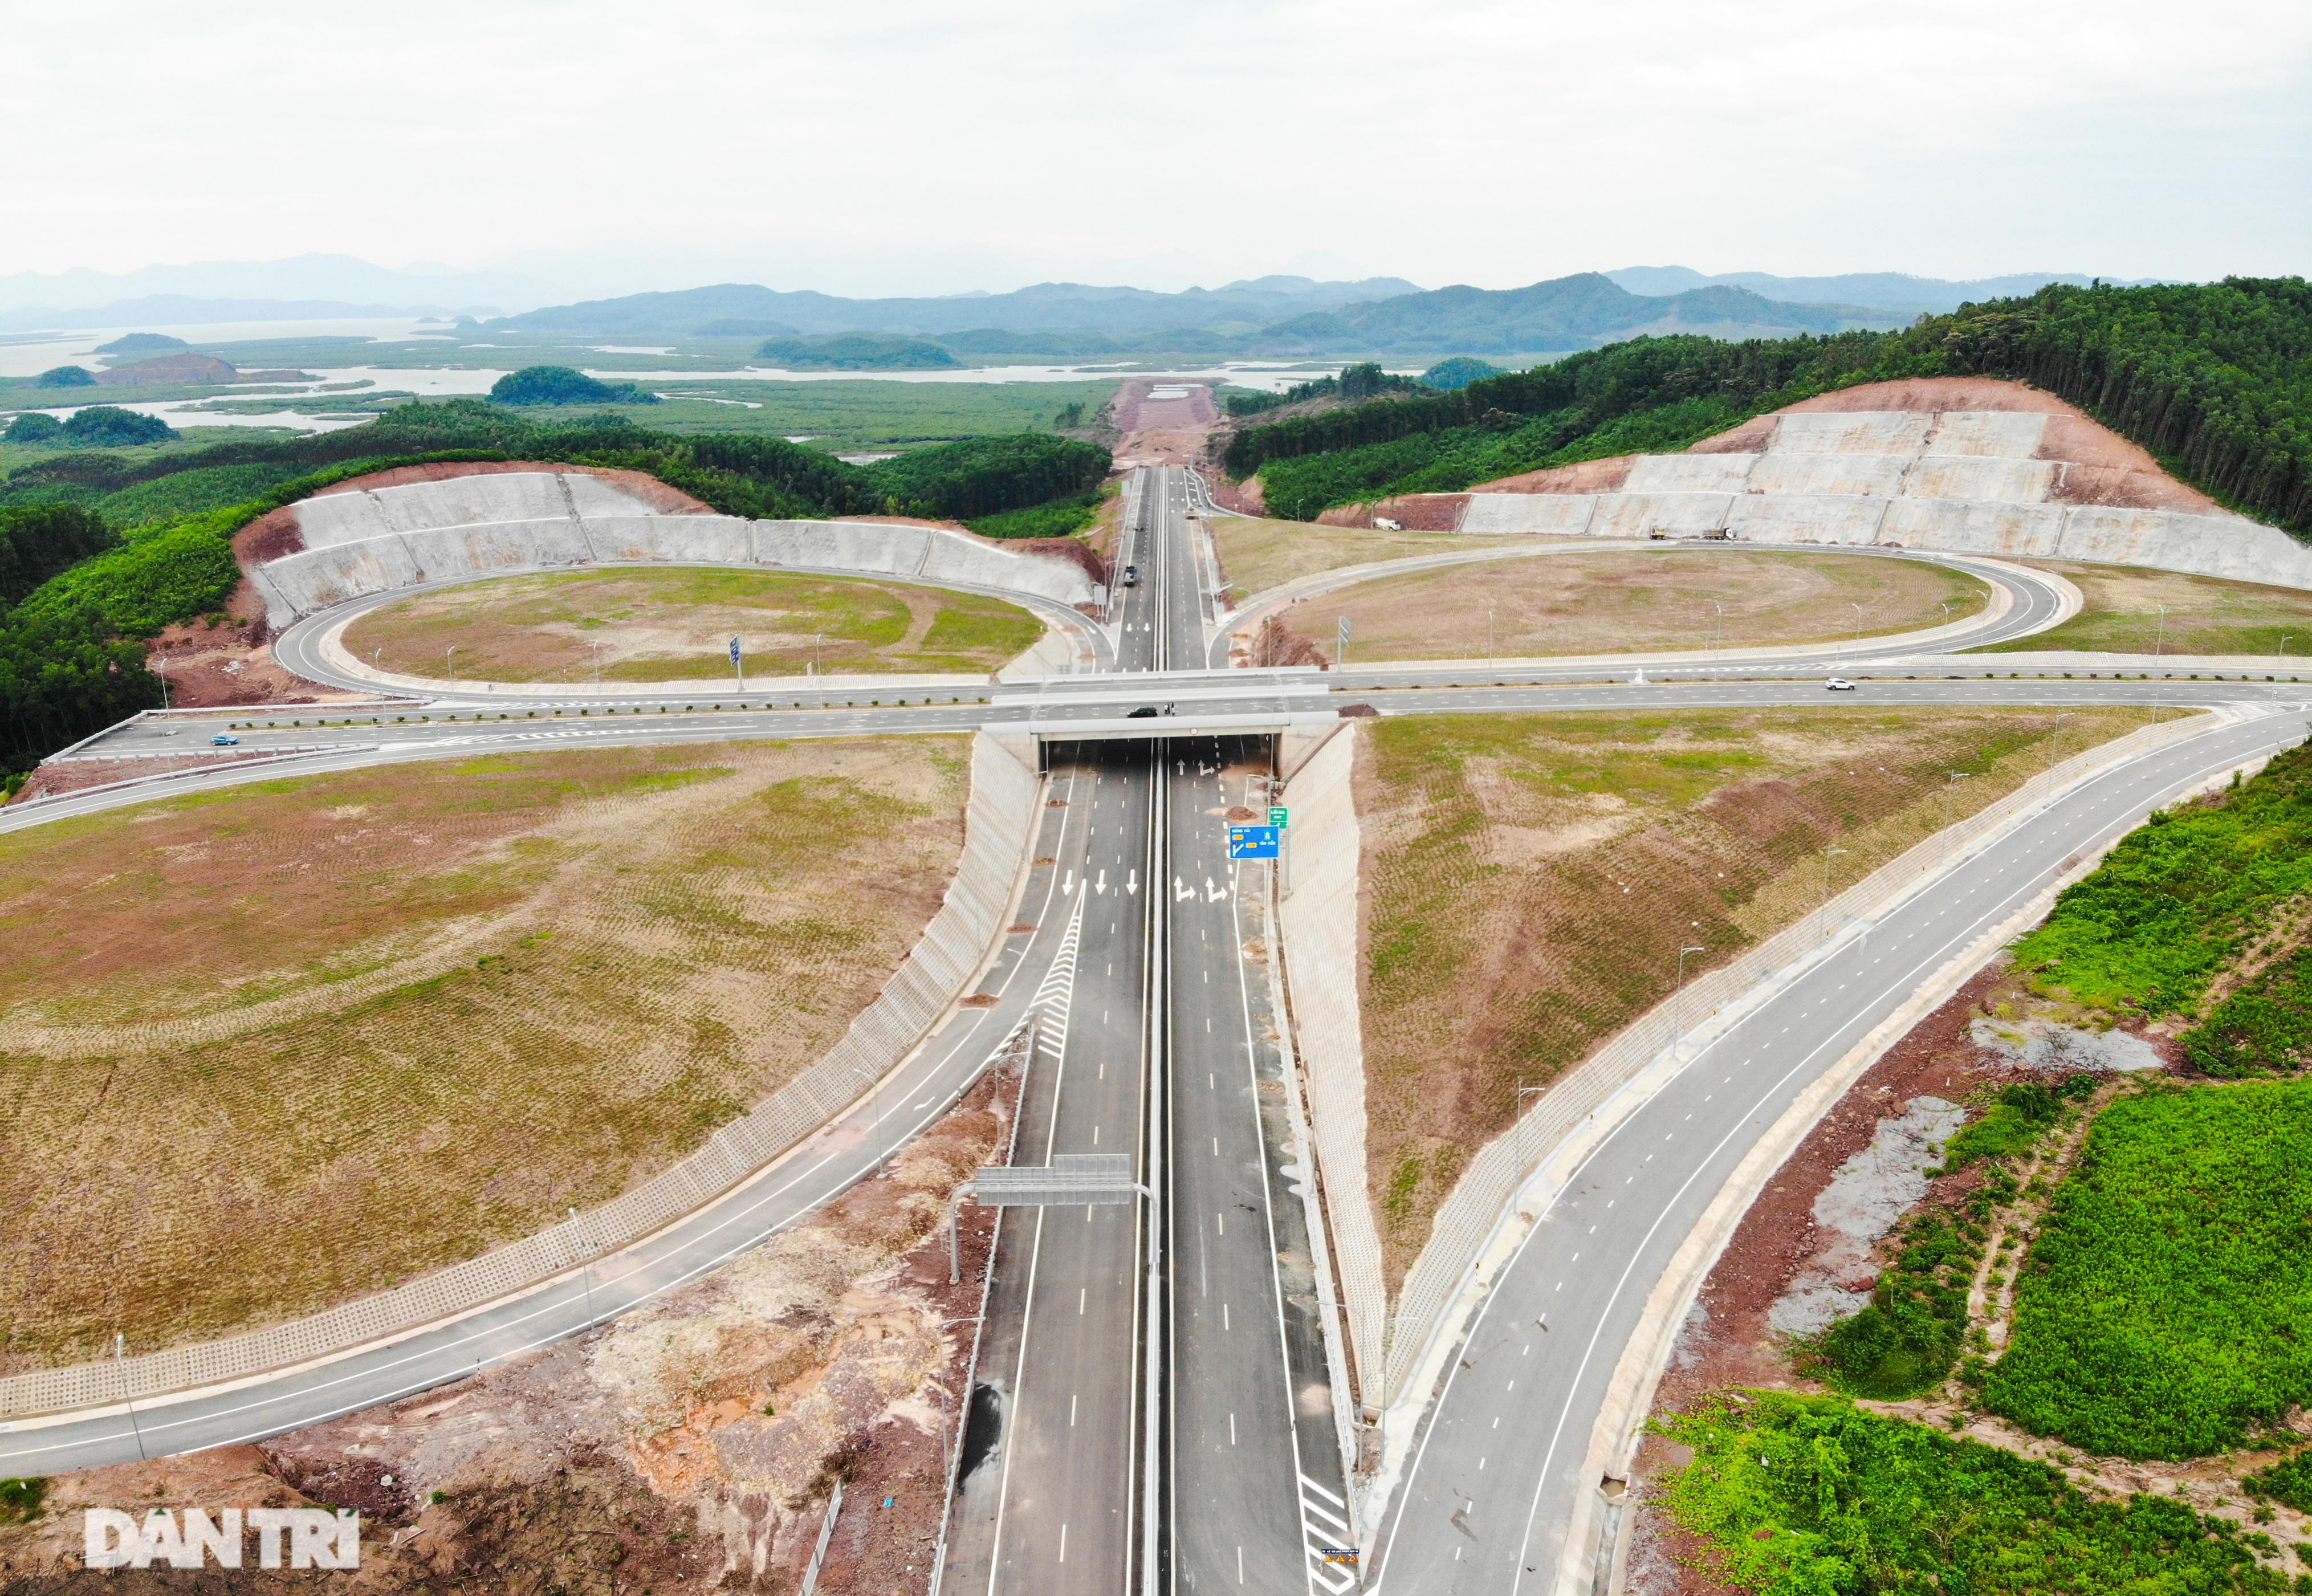 Toàn cảnh cao tốc Vân Đồn – Móng Cái hơn 11 nghìn tỷ đồng đang hình thành - 2